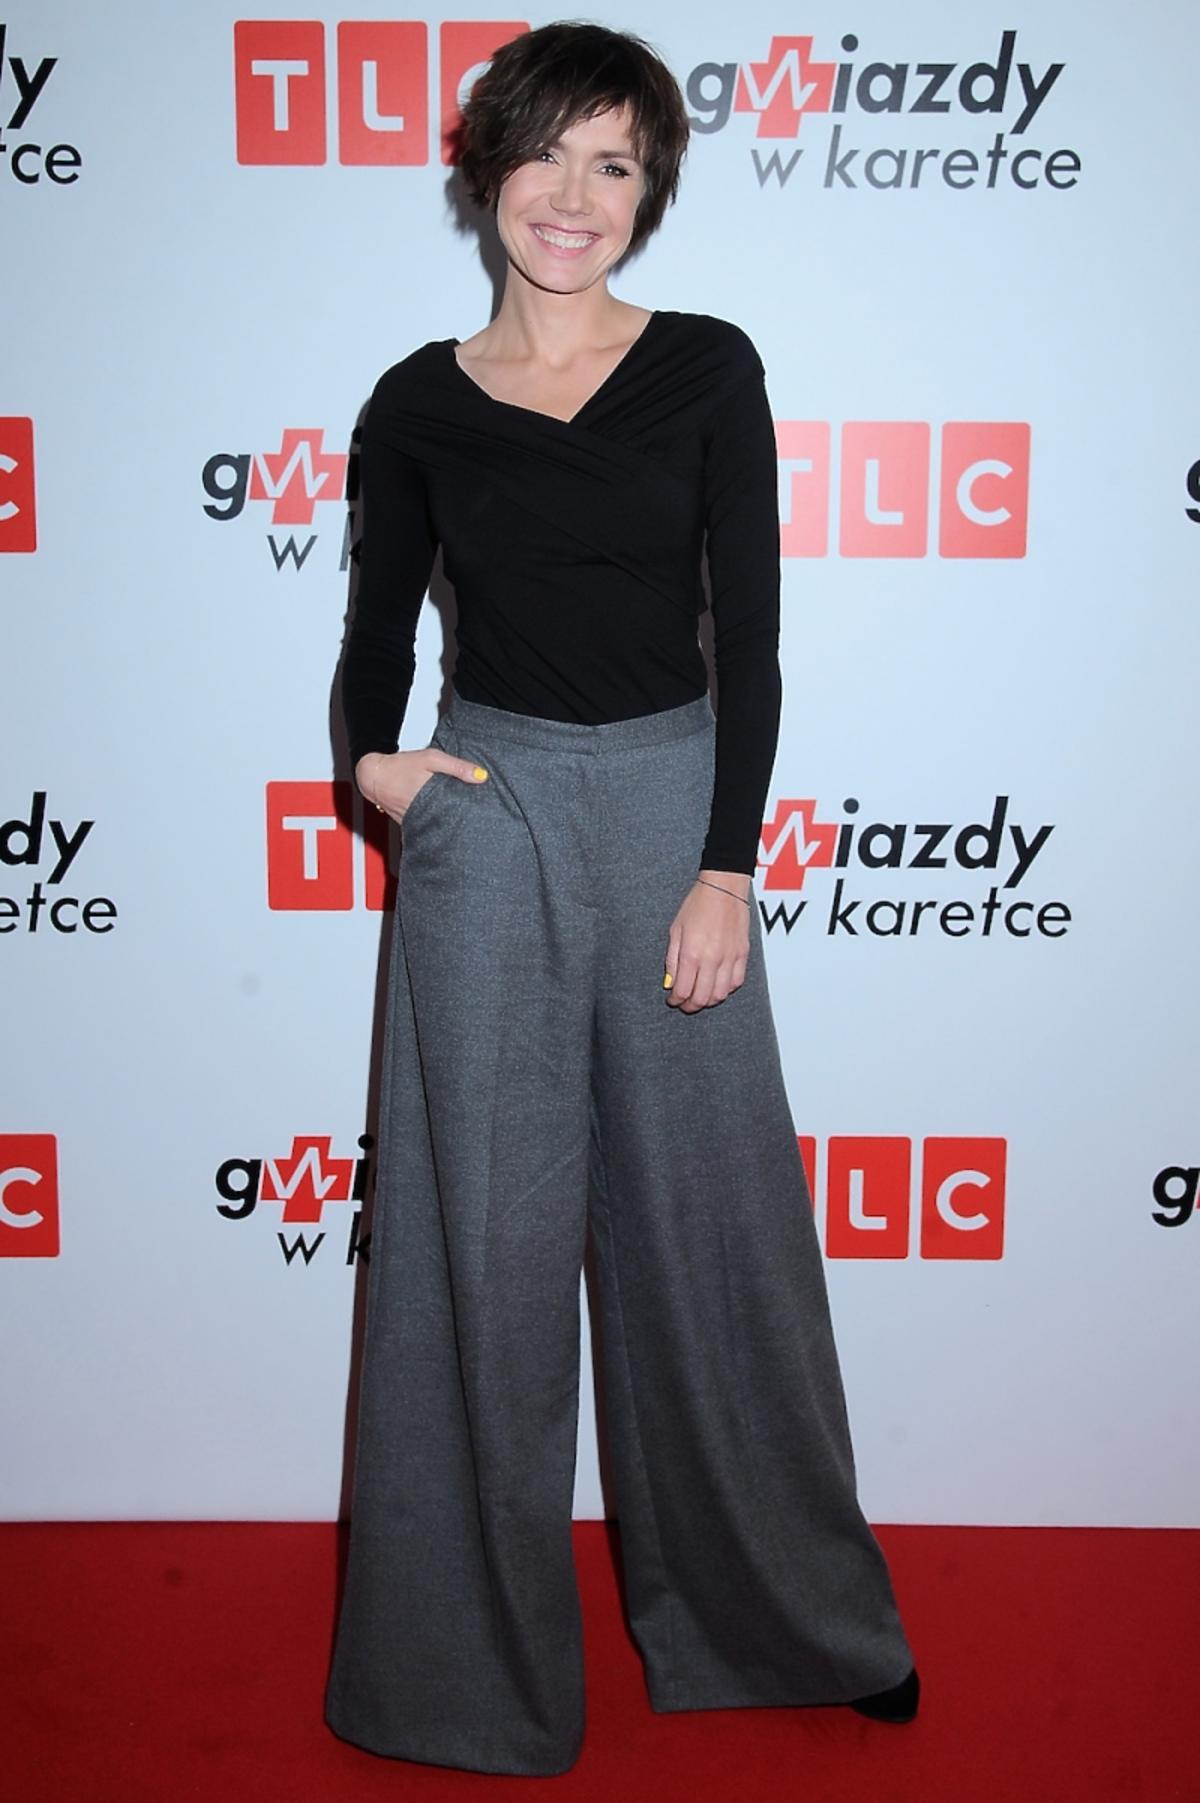 Olga Bołądź w szerokich szarych spodniach, czarnej bluzce na czerwonym dywanie